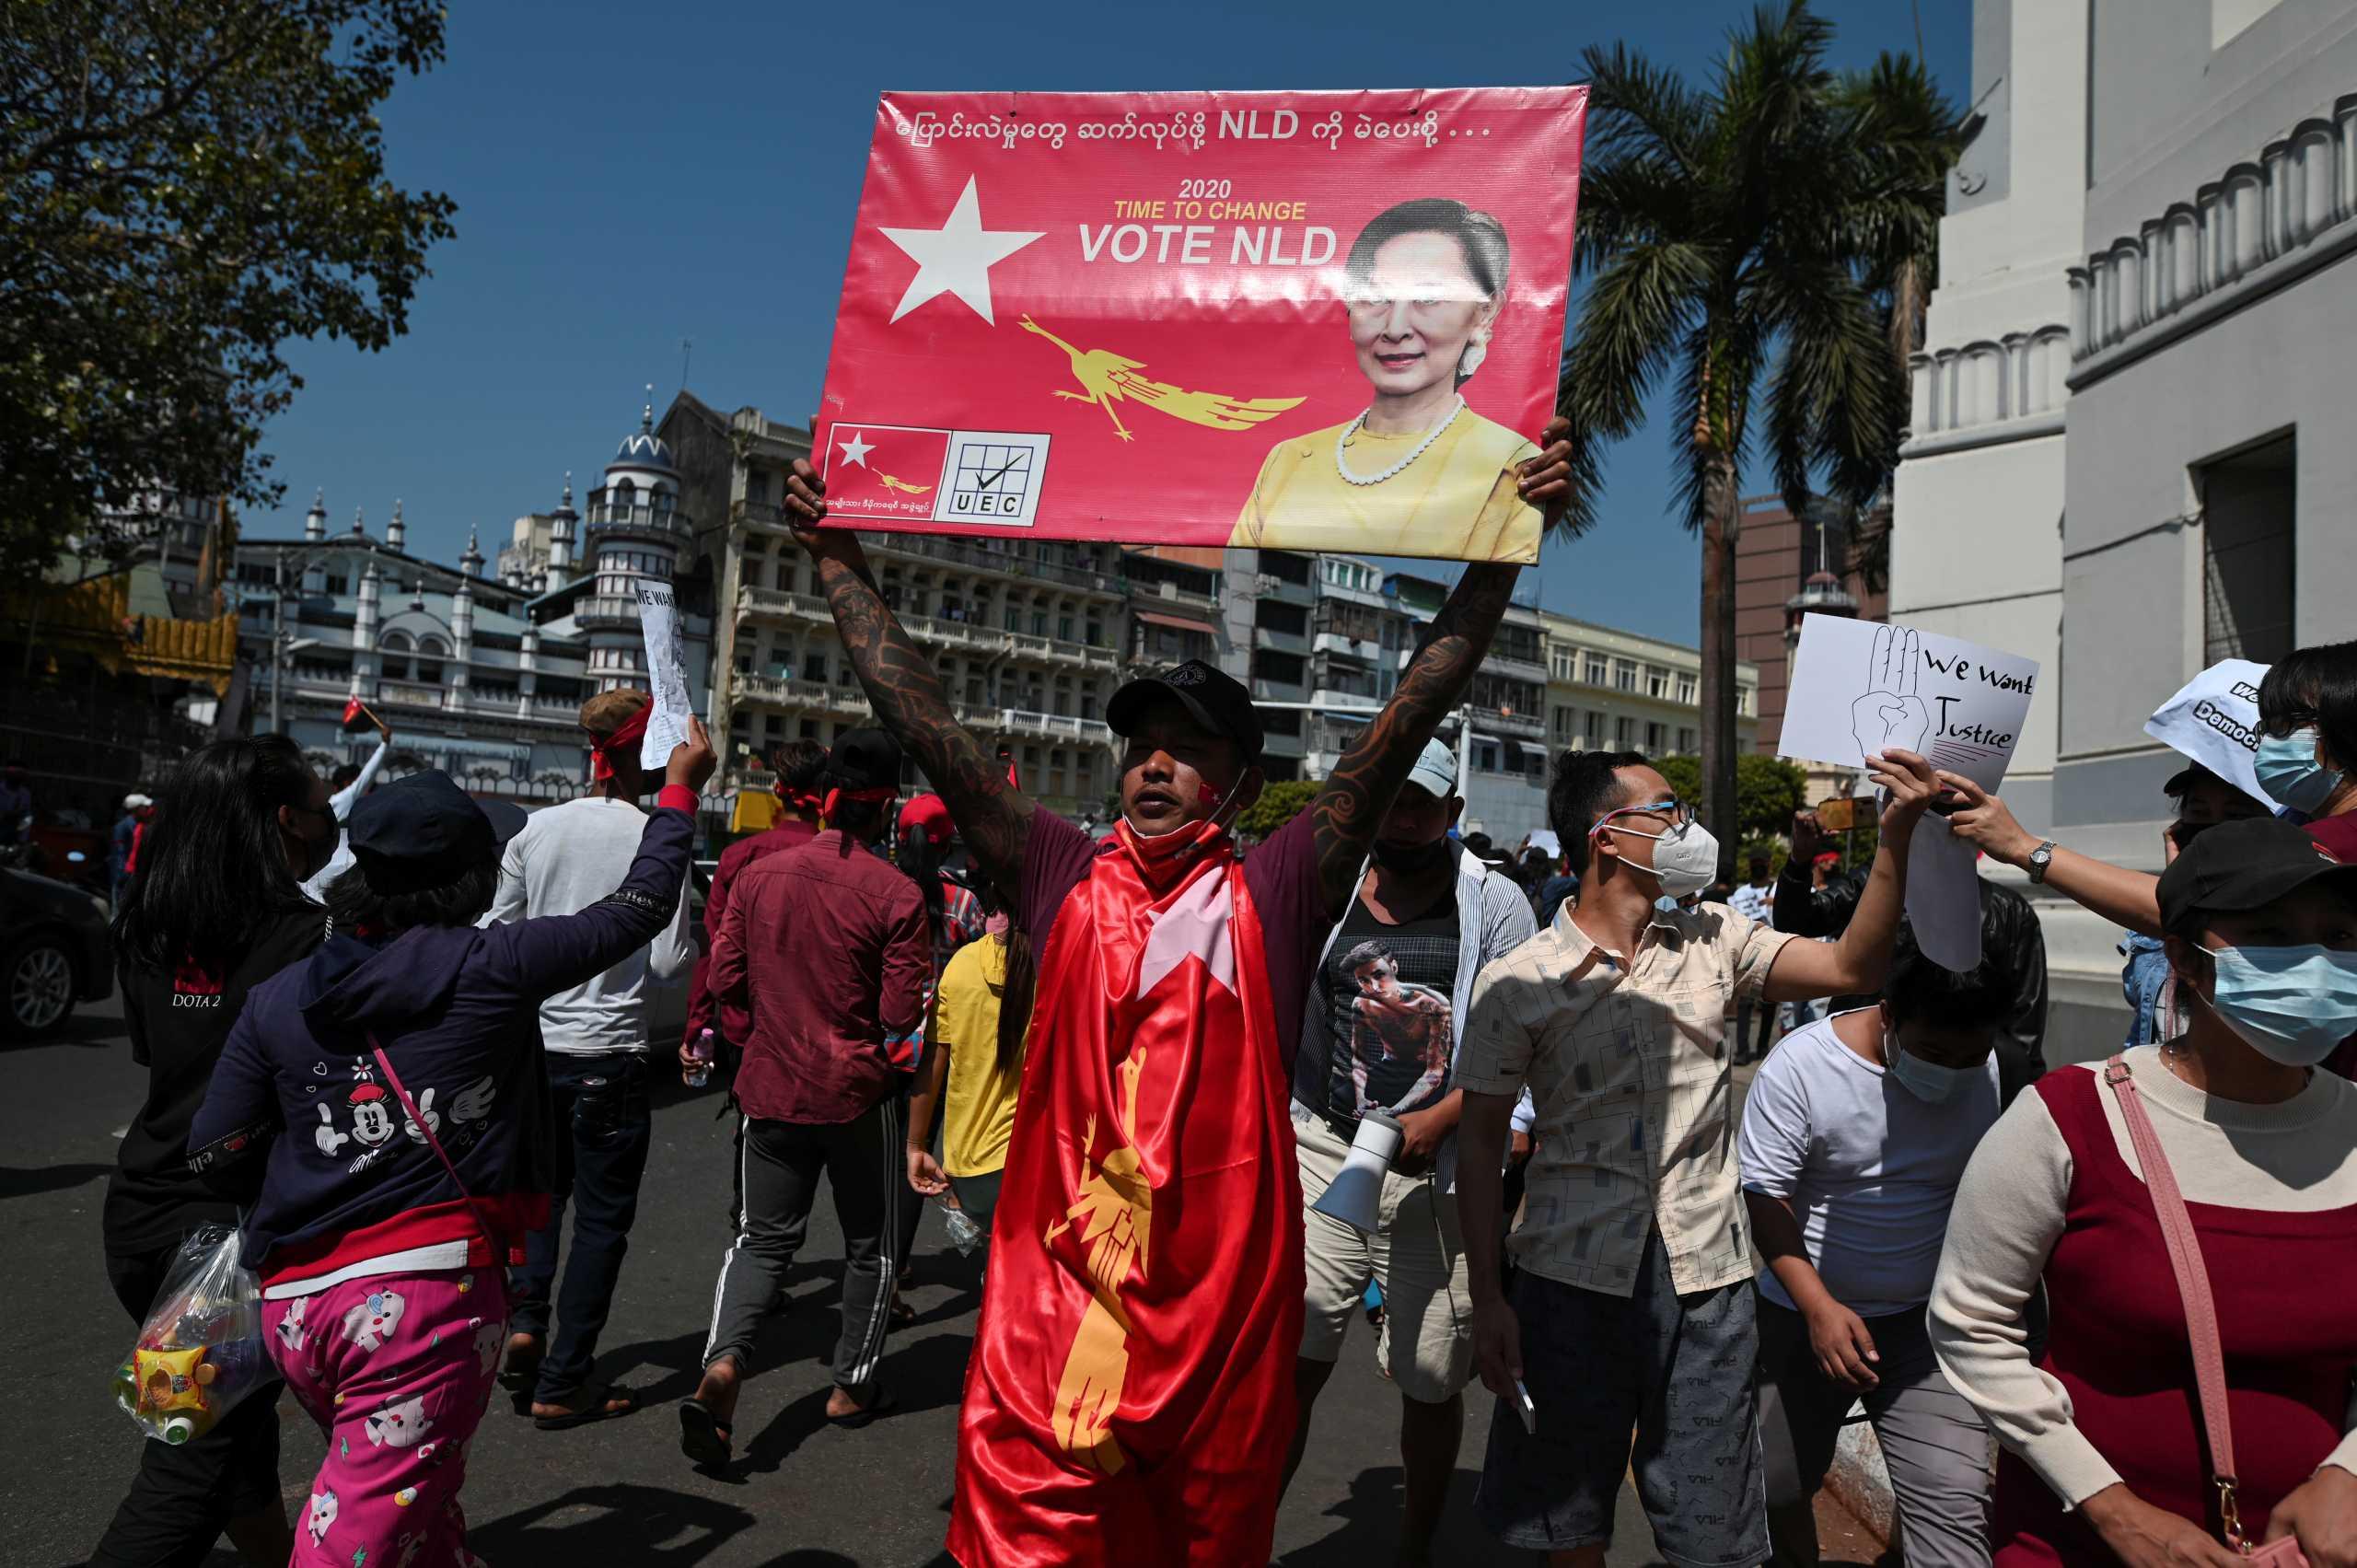 Πραξικόπημα στην Μιανμάρ: Για 6η συνεχή ημέρα εκατοντάδες πολίτες διαδηλώνουν – Με κυρώσεις απειλούν οι ΗΠΑ (pics, vids)